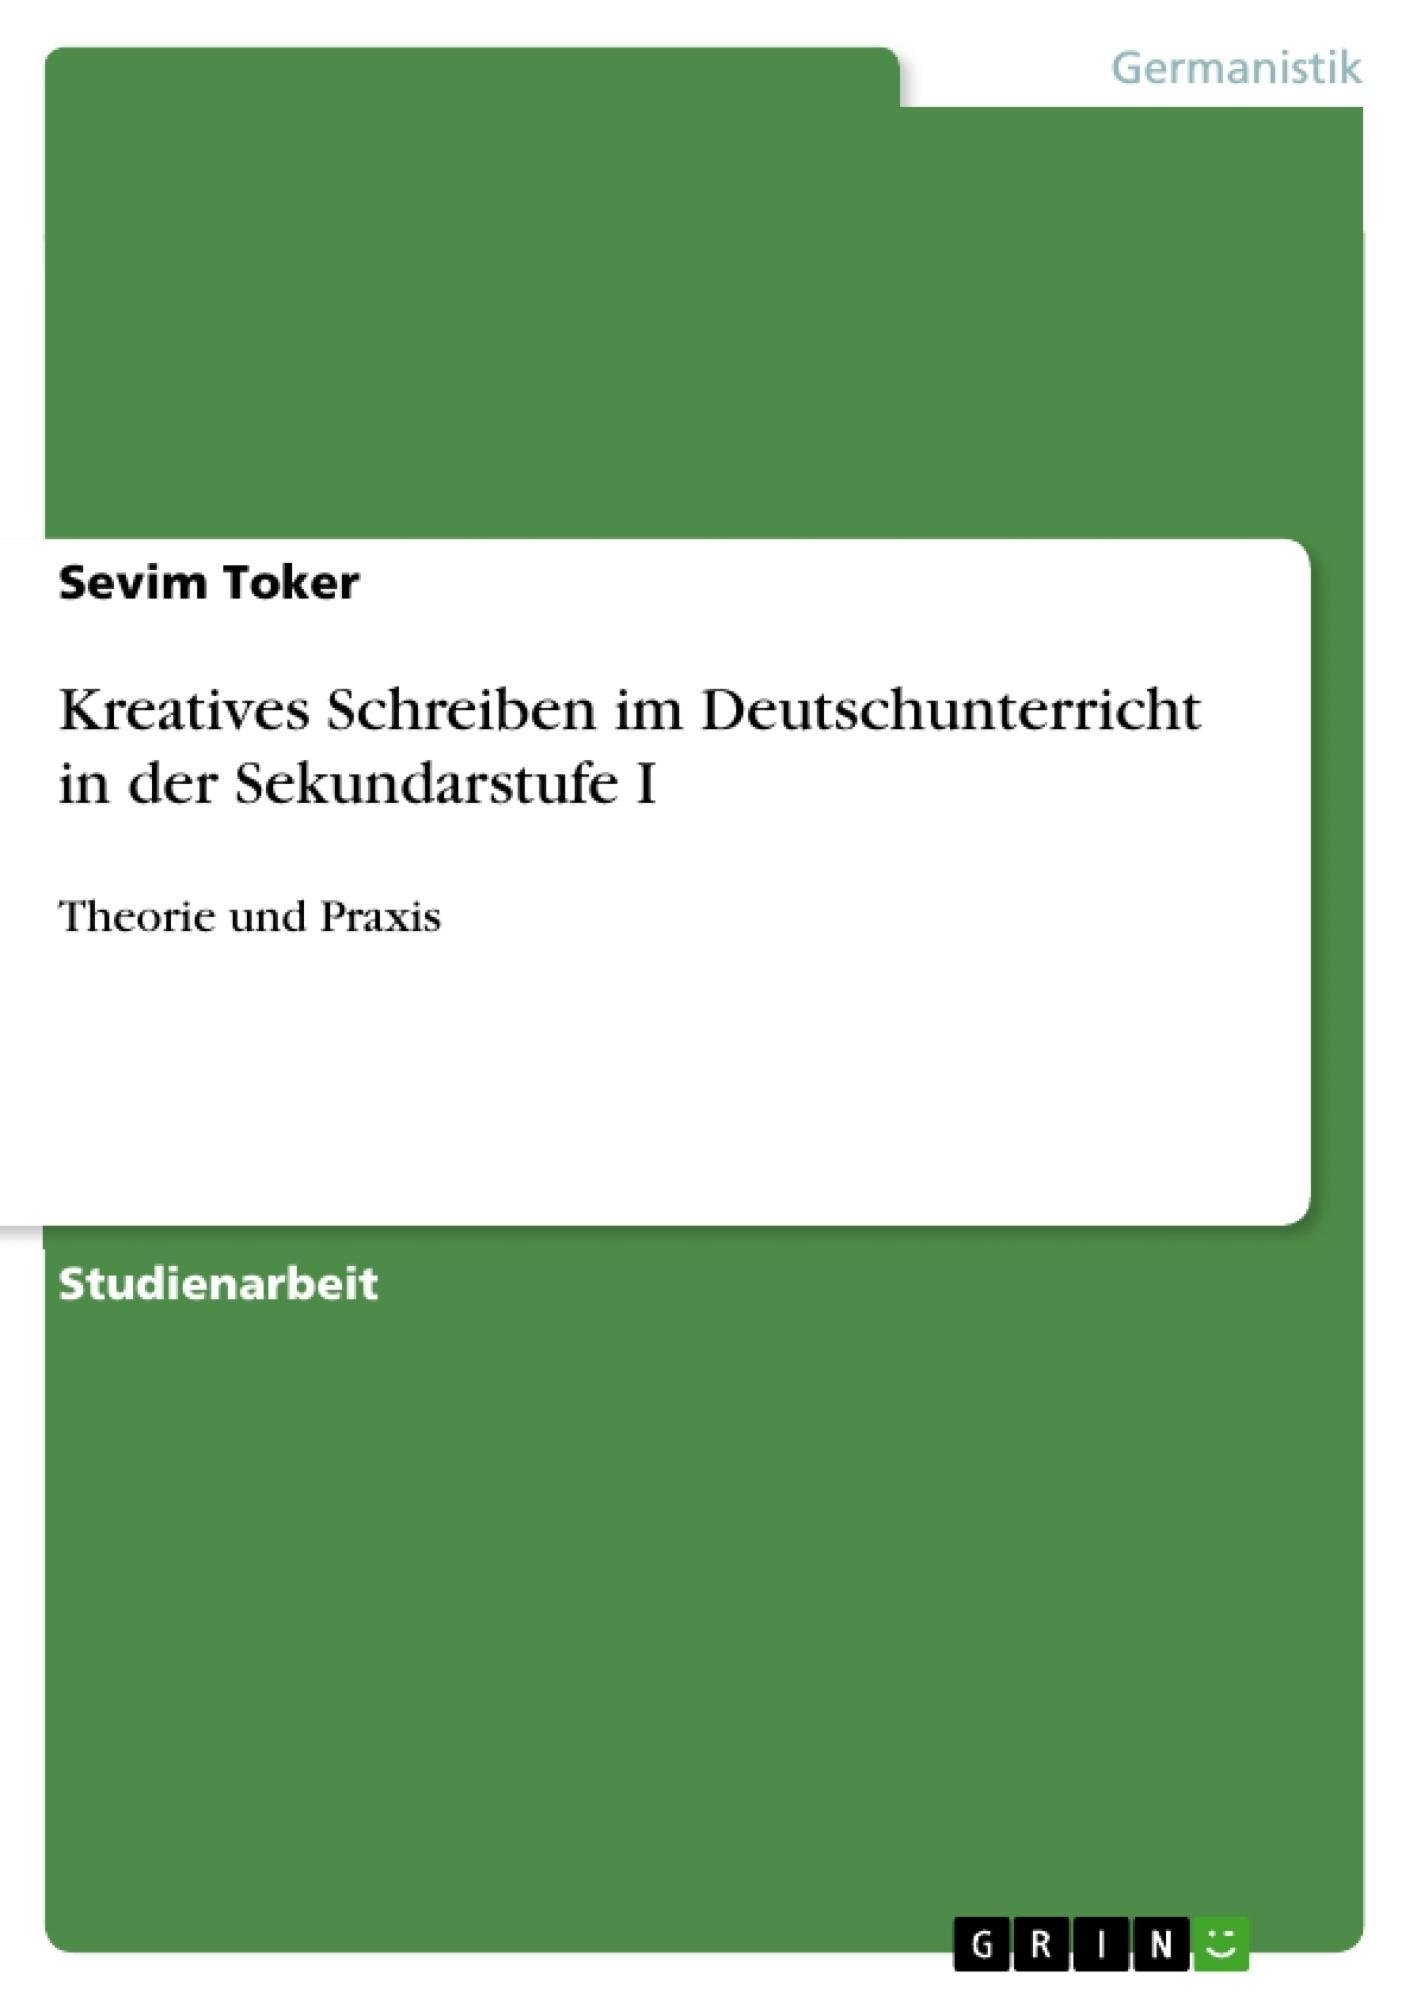 Titel: Kreatives Schreiben im Deutschunterricht in der Sekundarstufe I